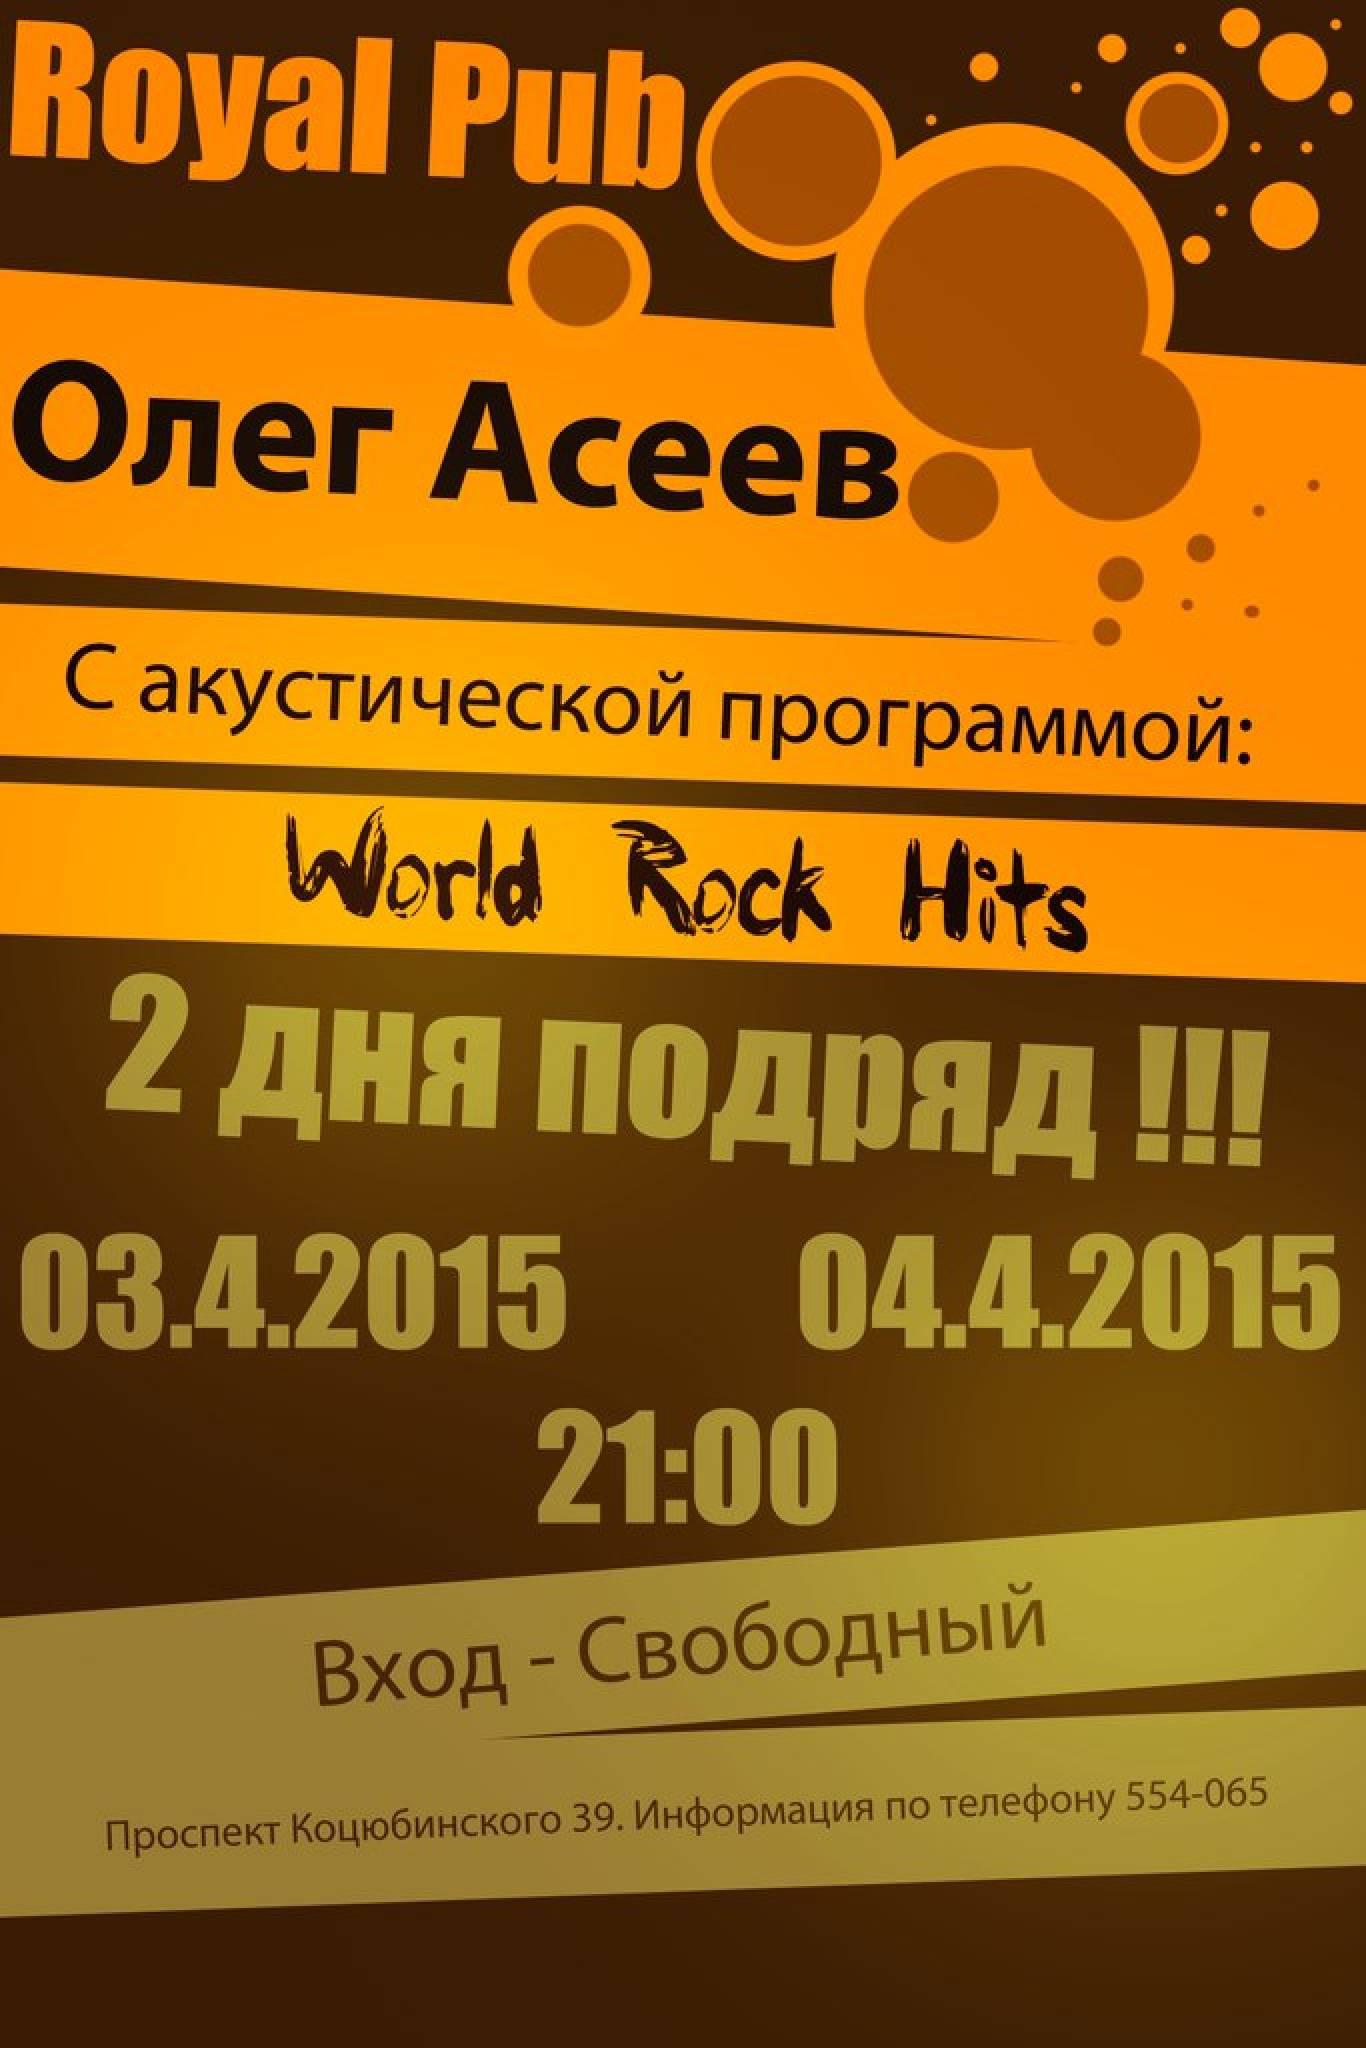 Дводенний World Rock Hits